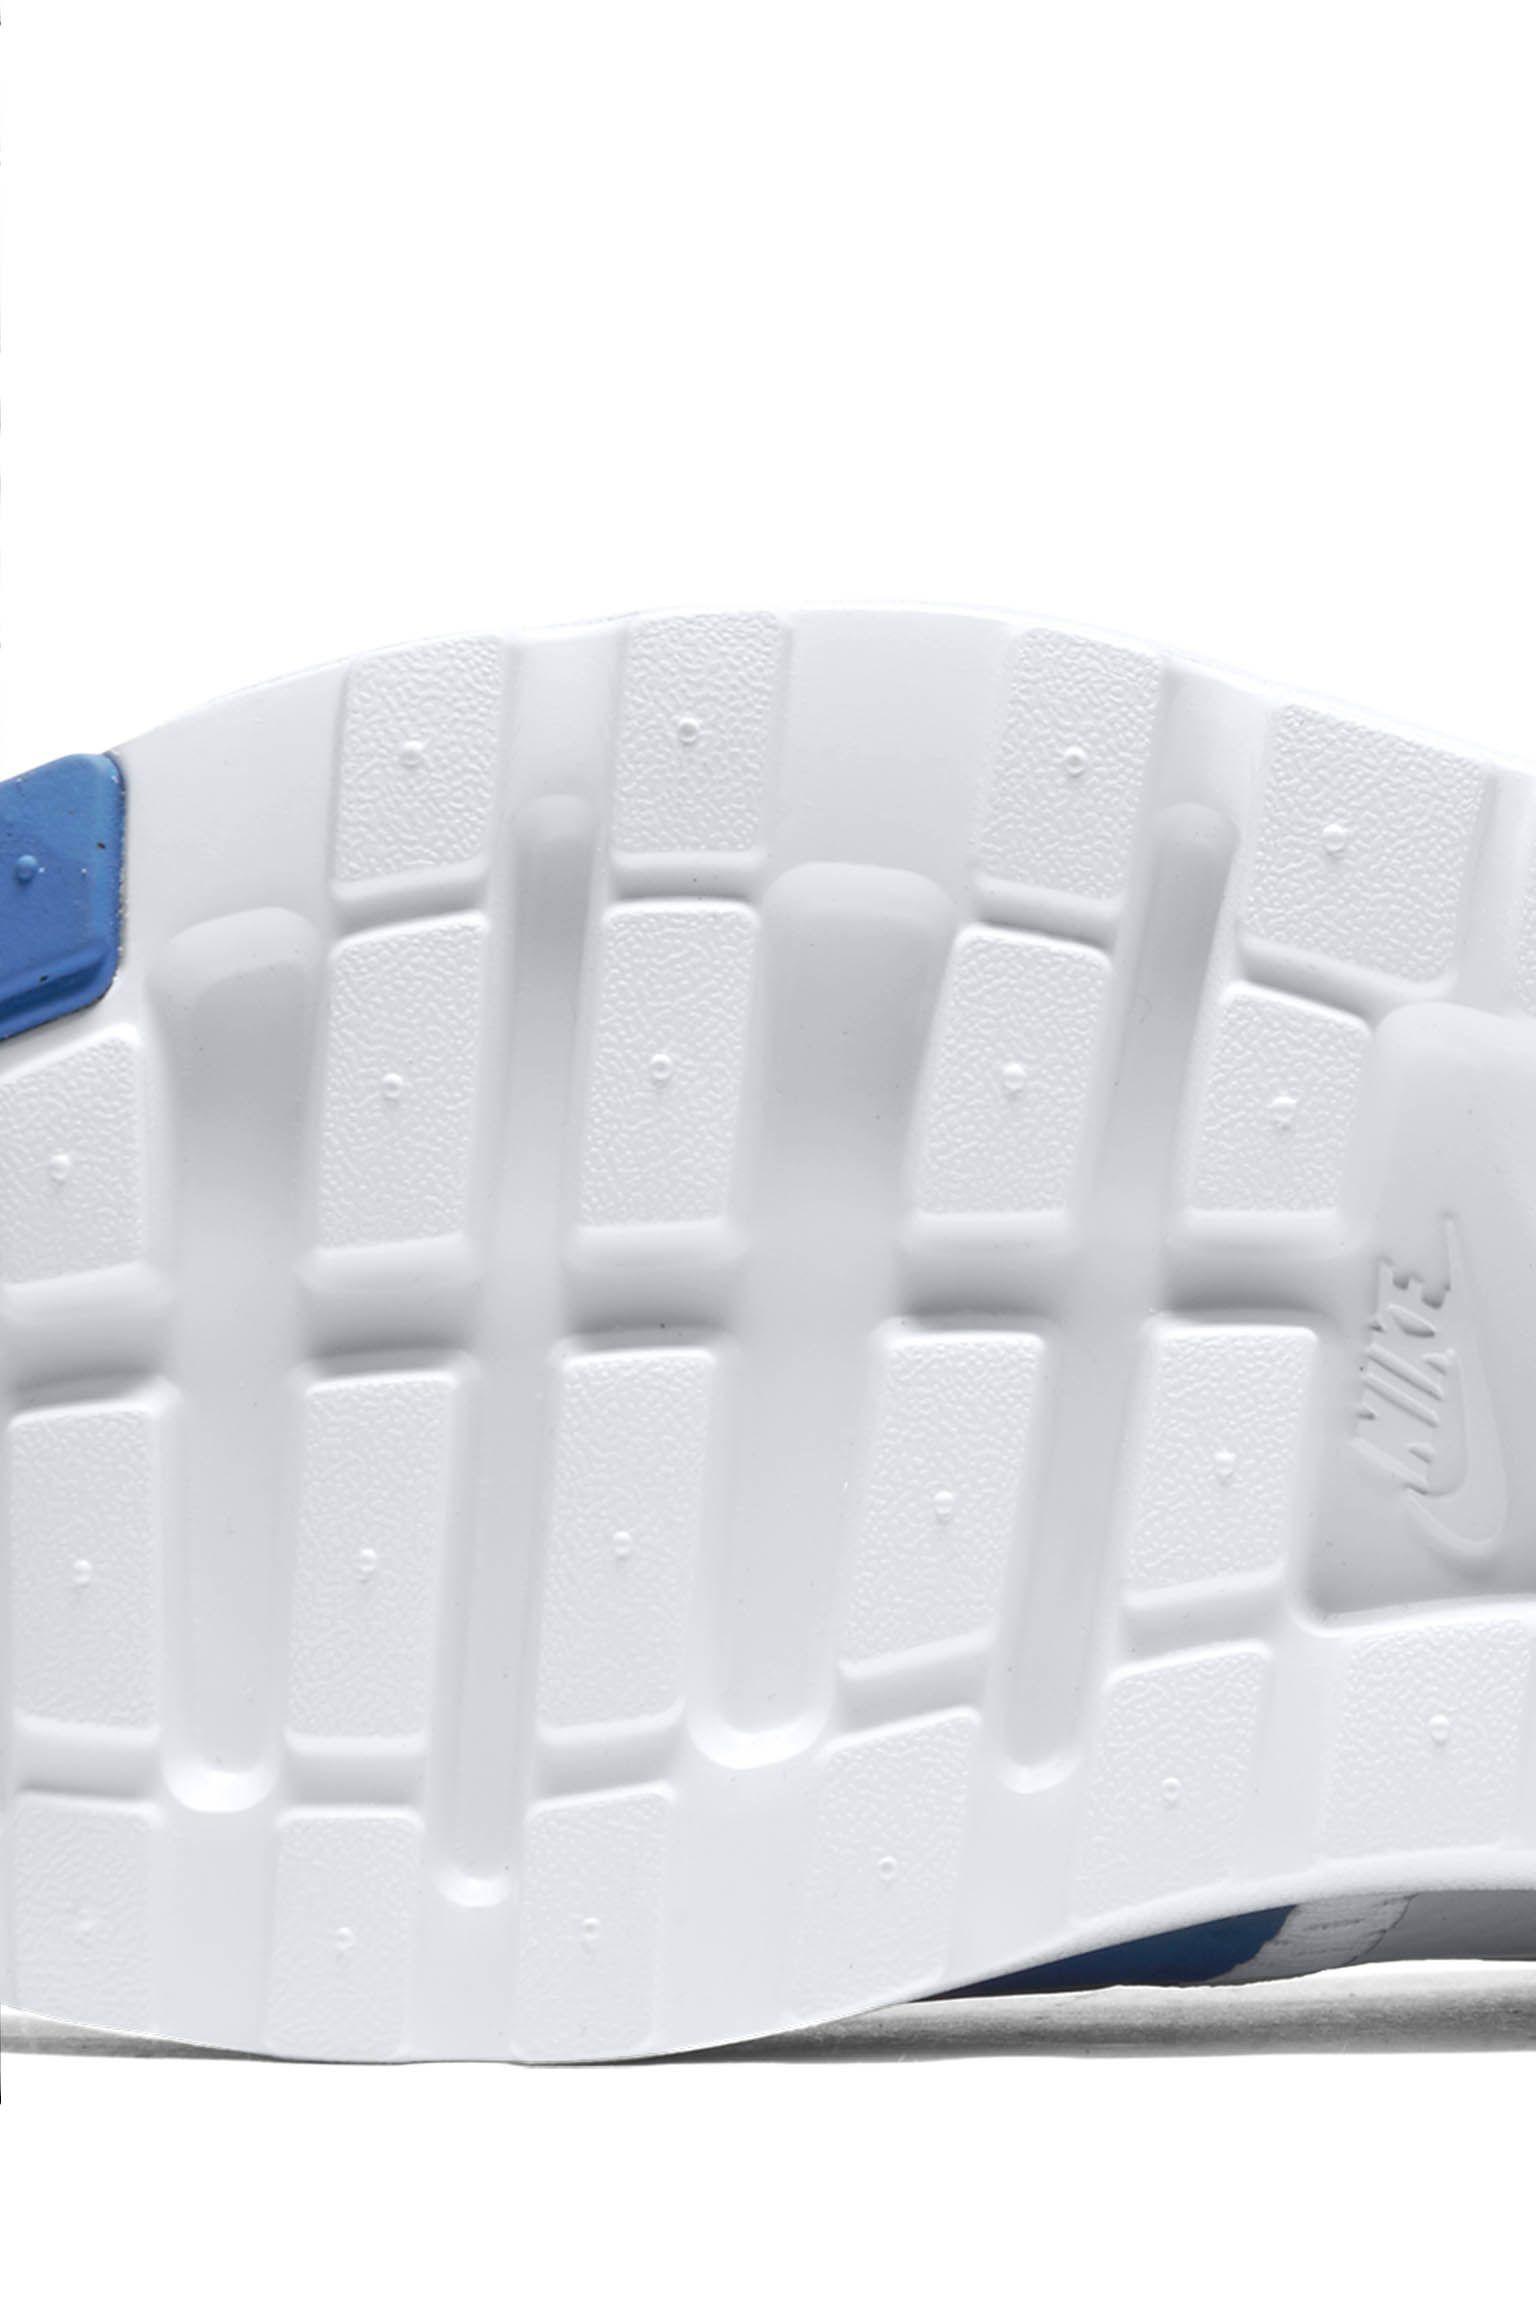 Nike Air Max 1 Ultra 'Debut Tones'